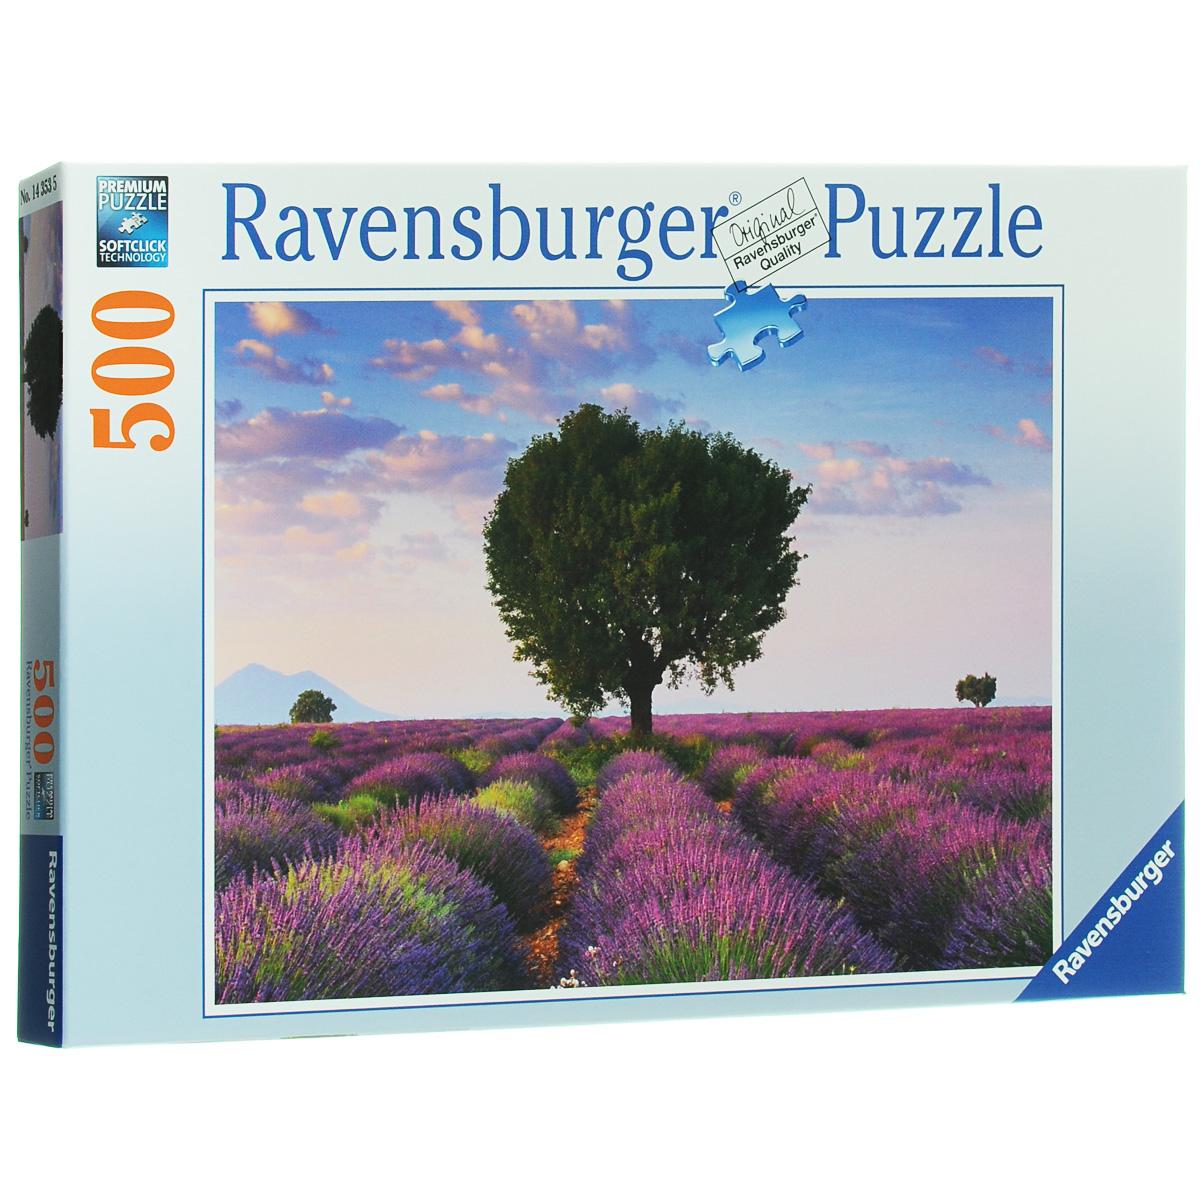 Ravensburger Лавандовое поле. Пазл, 500 элементов14353Пазл Ravensburger Лавандовое поле понравится всем членам вашей семьи. Собрав этот пазл, включающий в себя 500 элементов, вы получите замечательный постер с изображением поля в цветах лаванды. Пазл изготовлен из картона высочайшего качества. Каждая деталь имеет свою форму и подходит только на свое место. Softclick технология гарантирует 100% соединение деталей. Изображение аккуратно отсканировано и напечатано на ламинированной бумаге. Пазл - великолепная игра для семейного досуга. Сегодня собирание пазлов стало особенно популярным, главным образом, благодаря своей многообразной тематике, способной удовлетворить самый взыскательный вкус. А для детей это не только интересно, но и полезно. Собирание пазла развивает мелкую моторику у ребенка, тренирует наблюдательность, логическое мышление, знакомит с окружающим миром, с цветом и разнообразными формами.